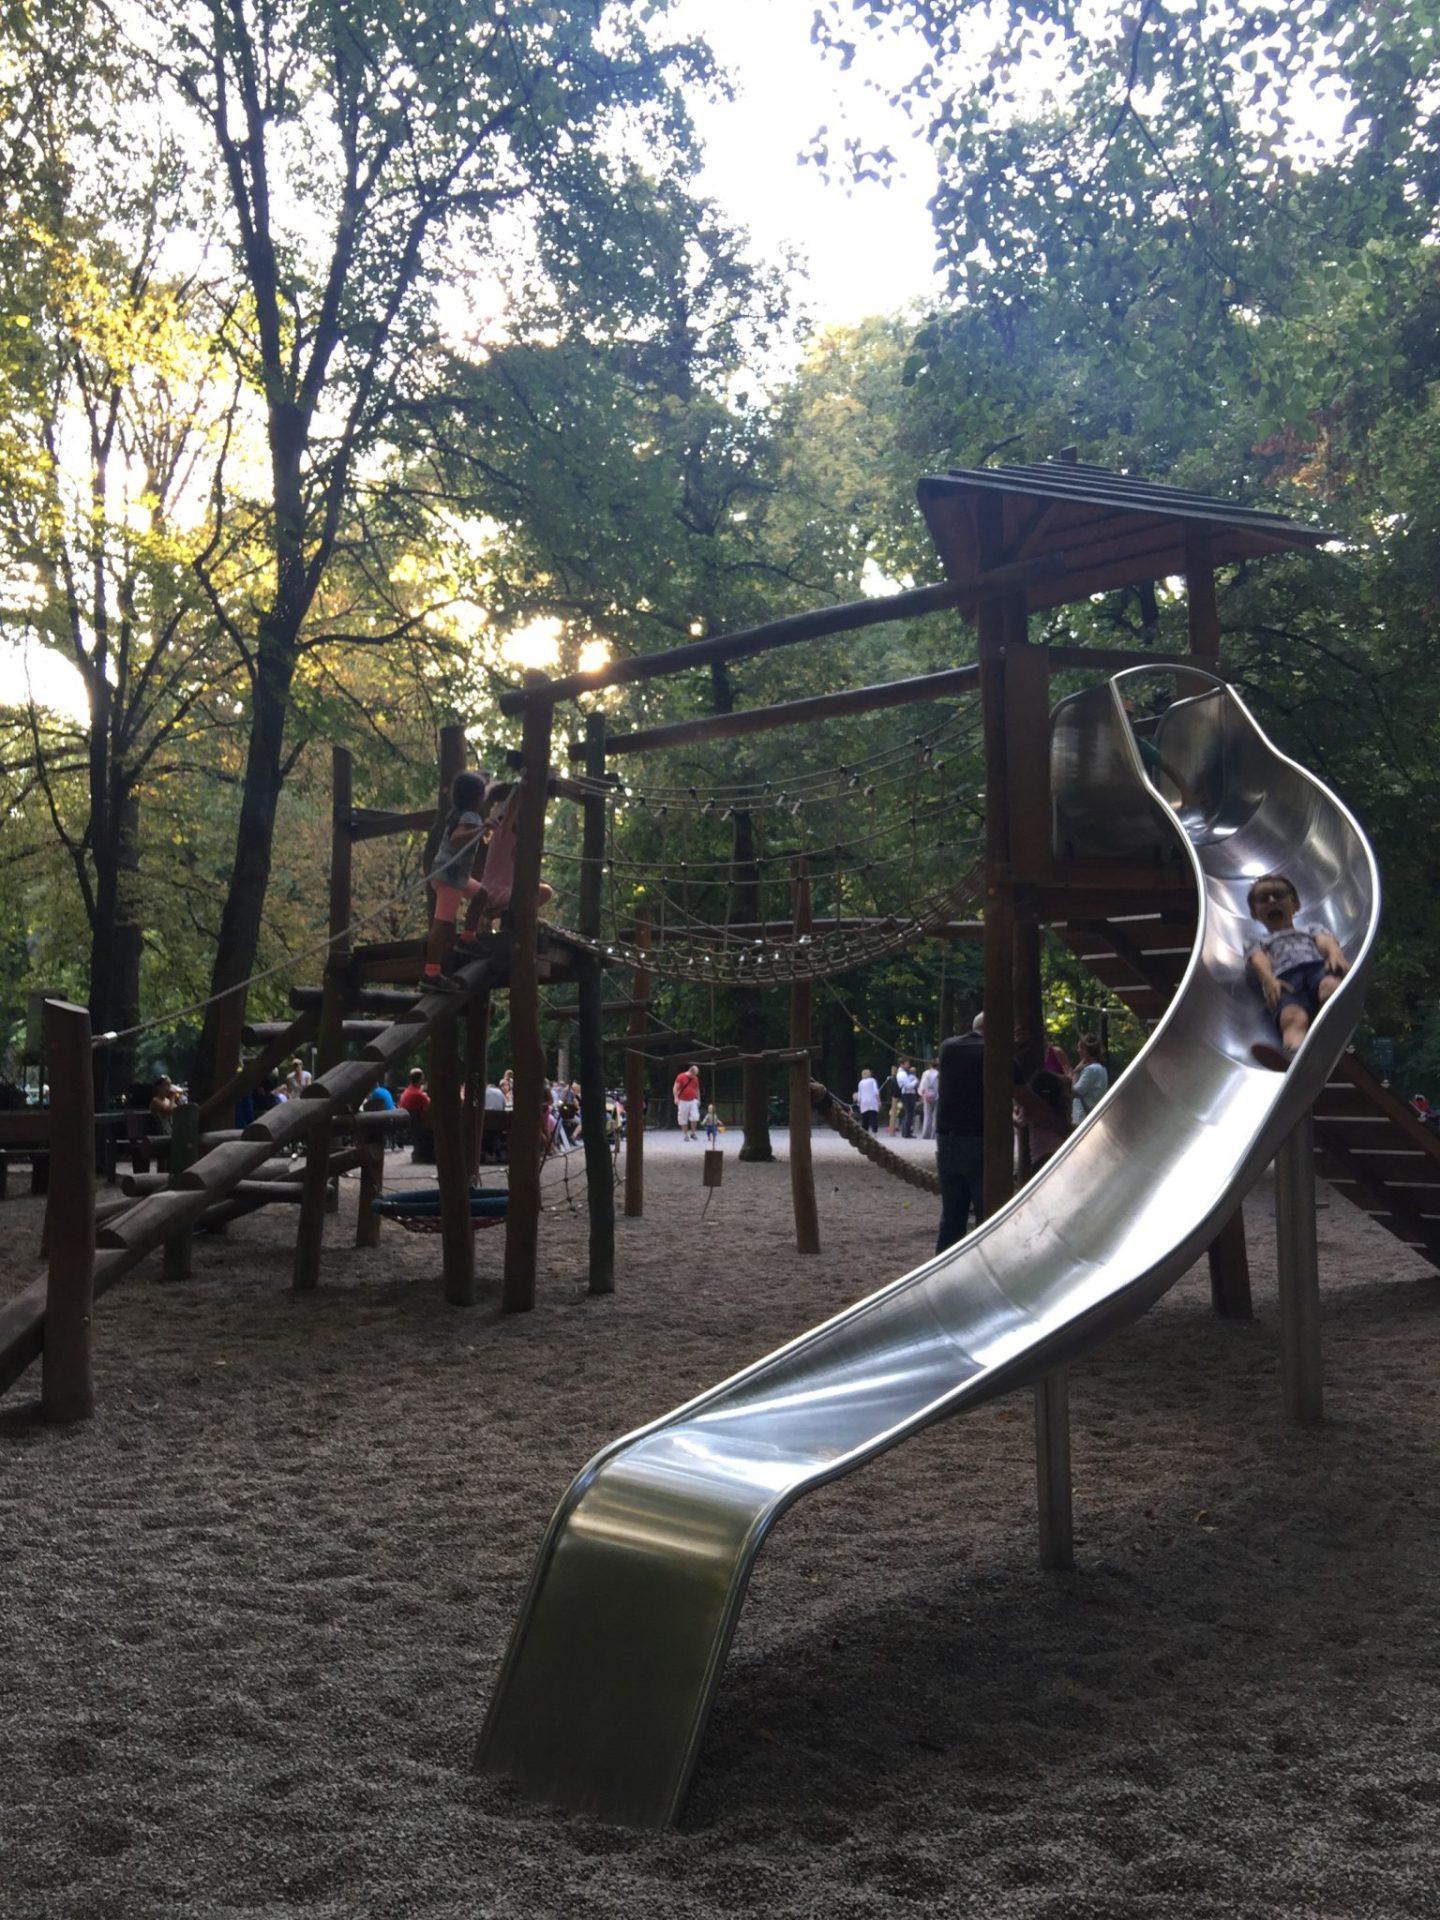 Playground by the Chinese Tower, Englisch Garten